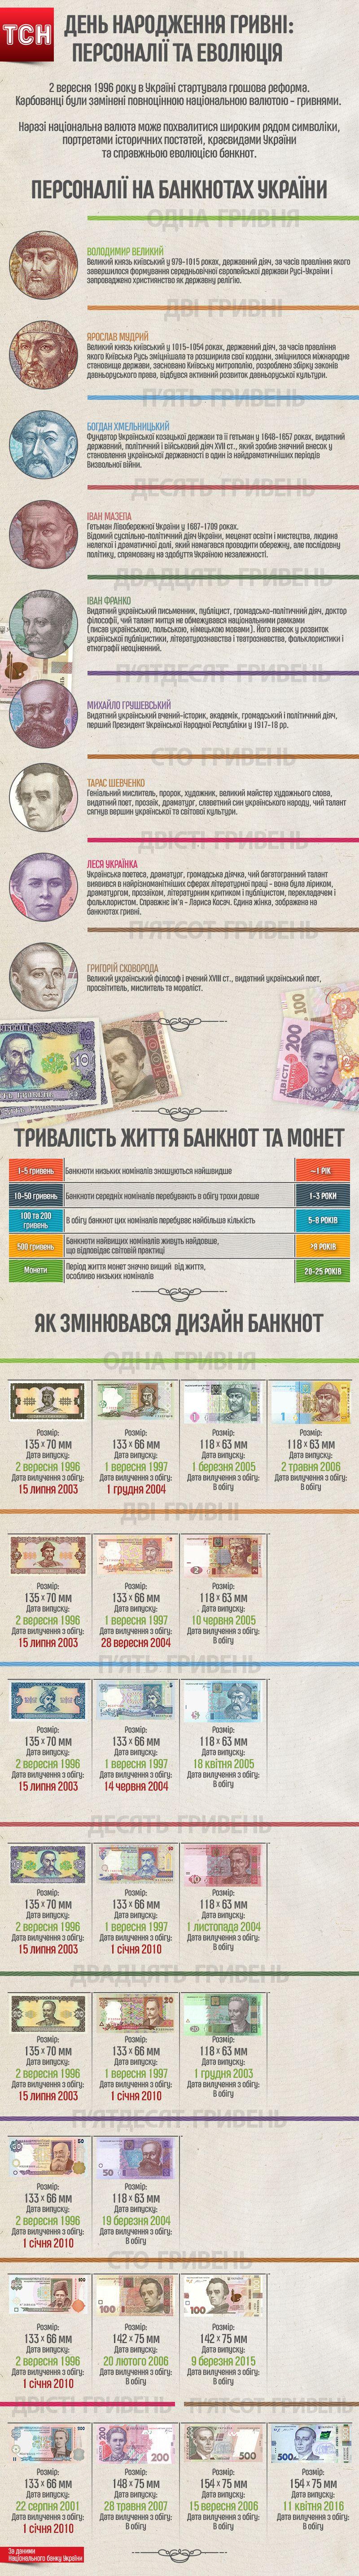 20 років грошовій реформі: персоналії та еволюція